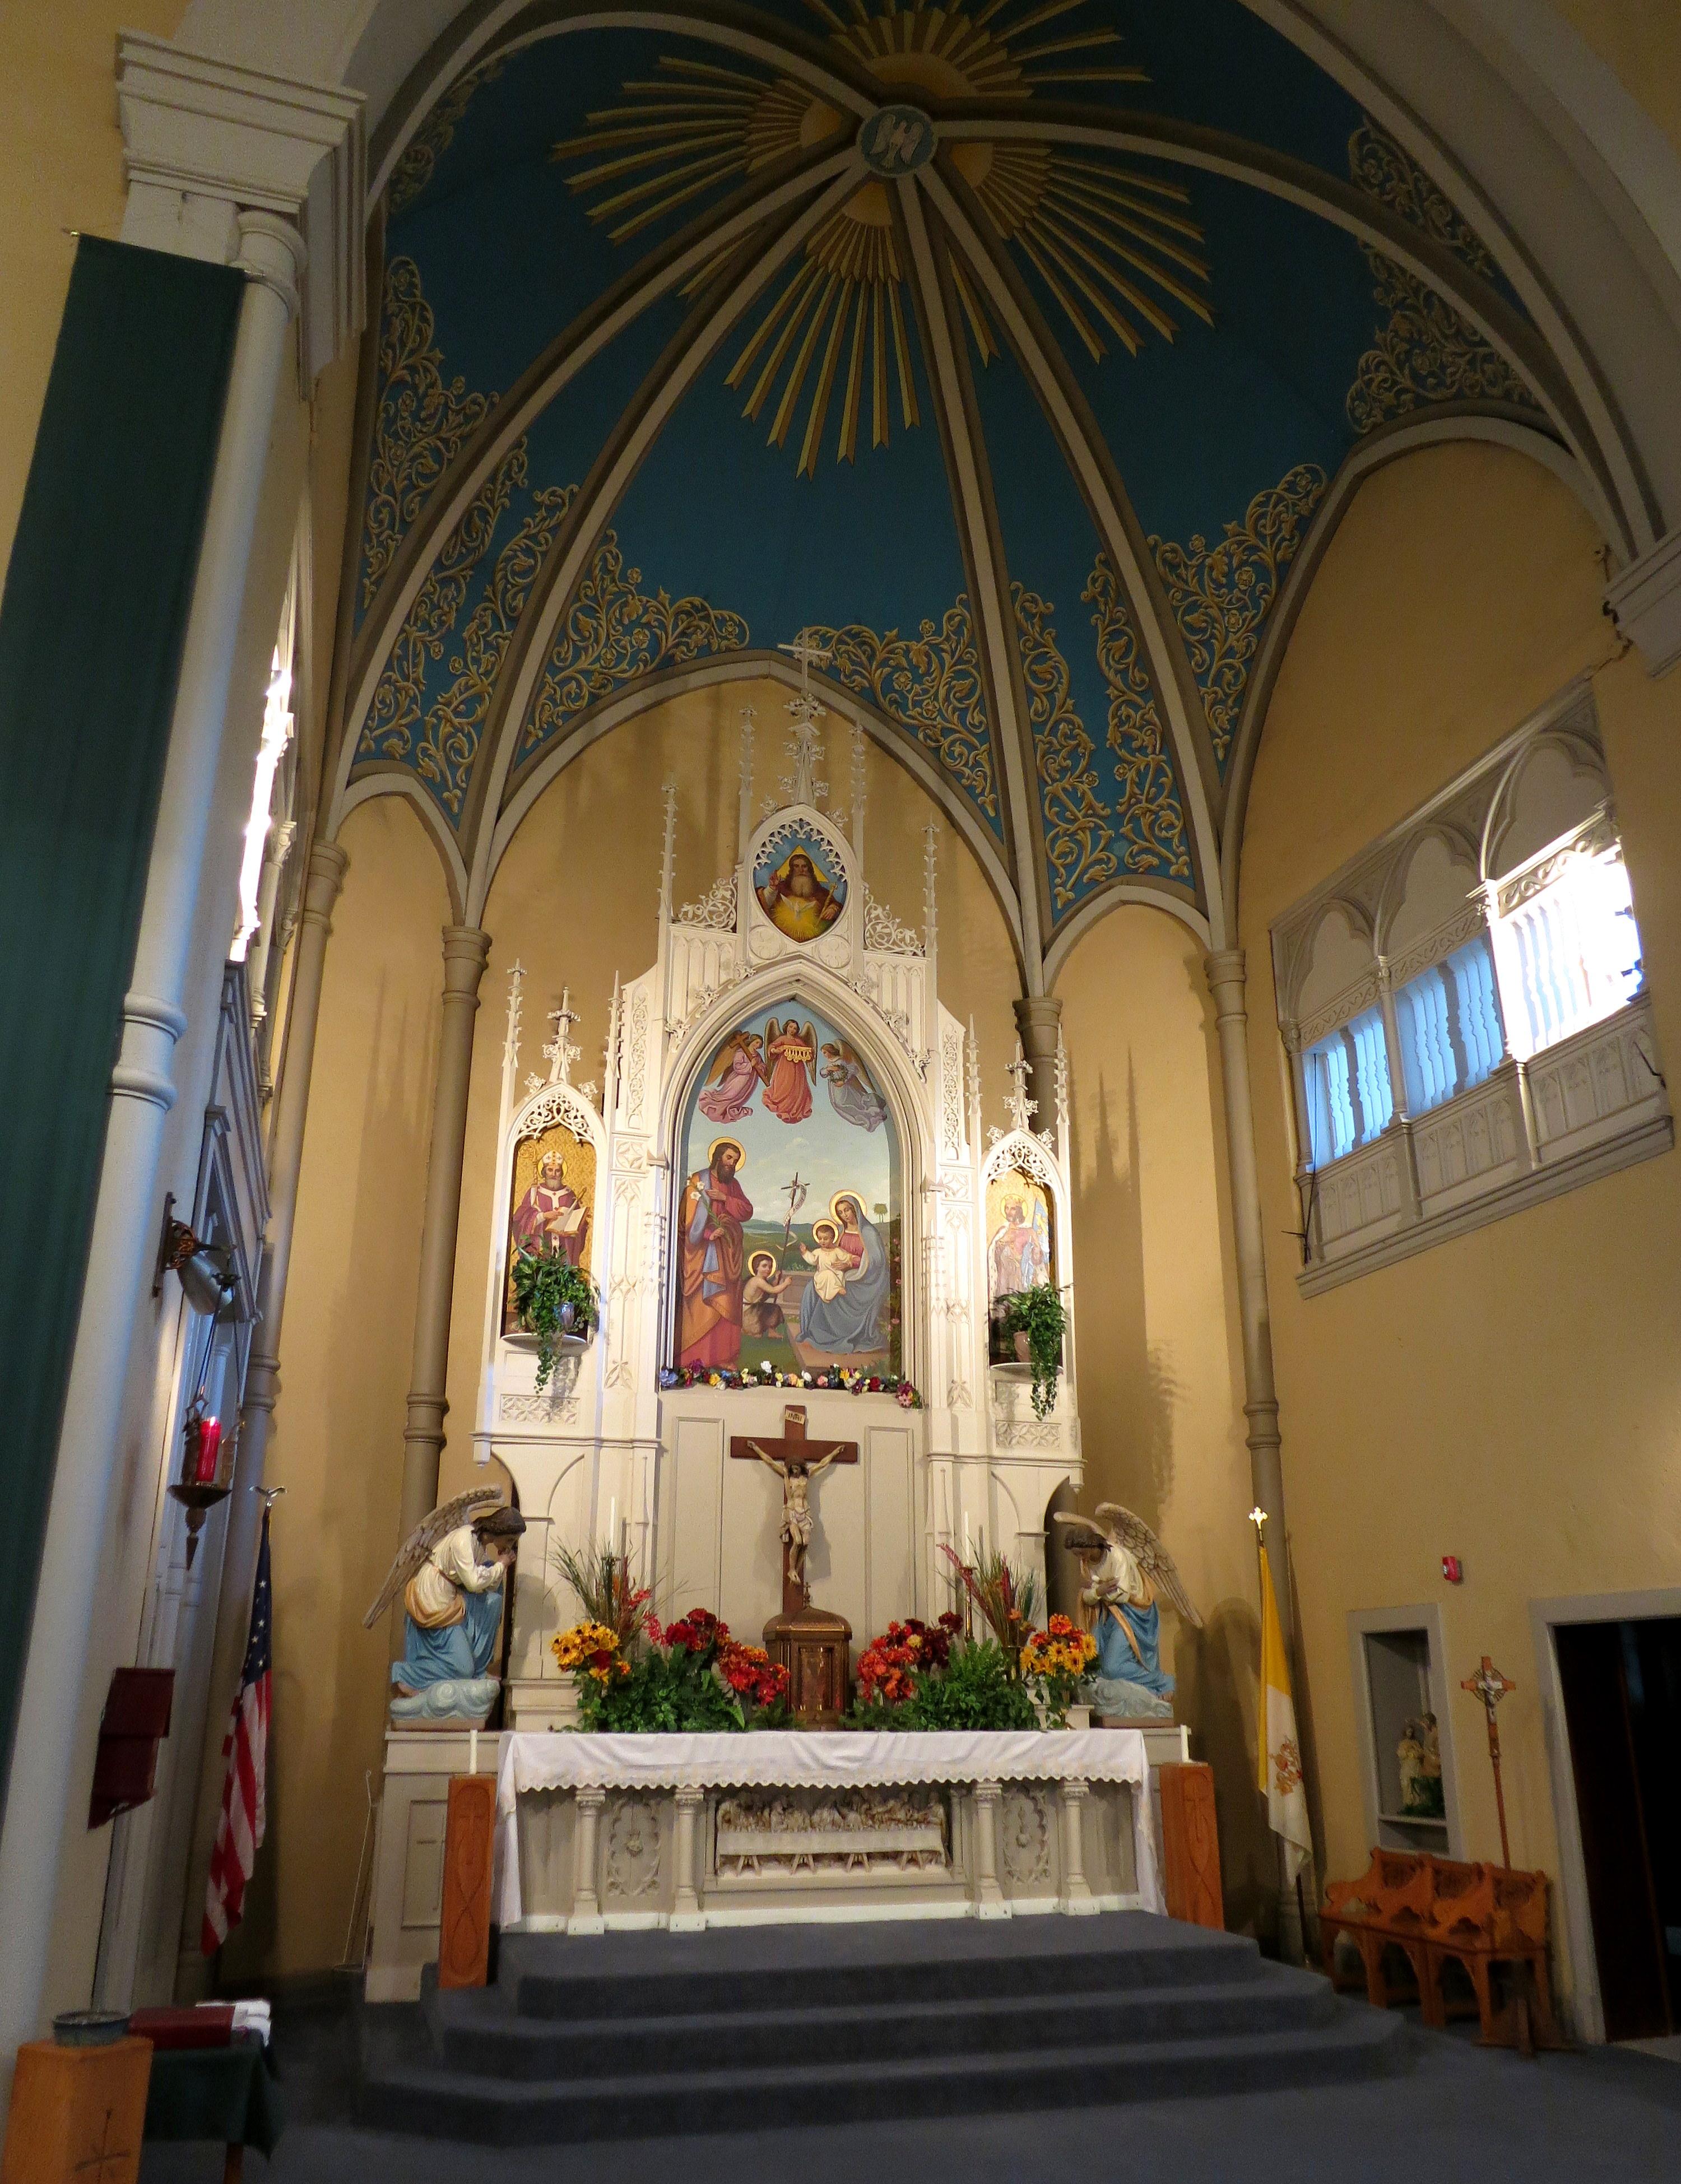 Holy_Family_Catholic_Church_%28Oldenburg